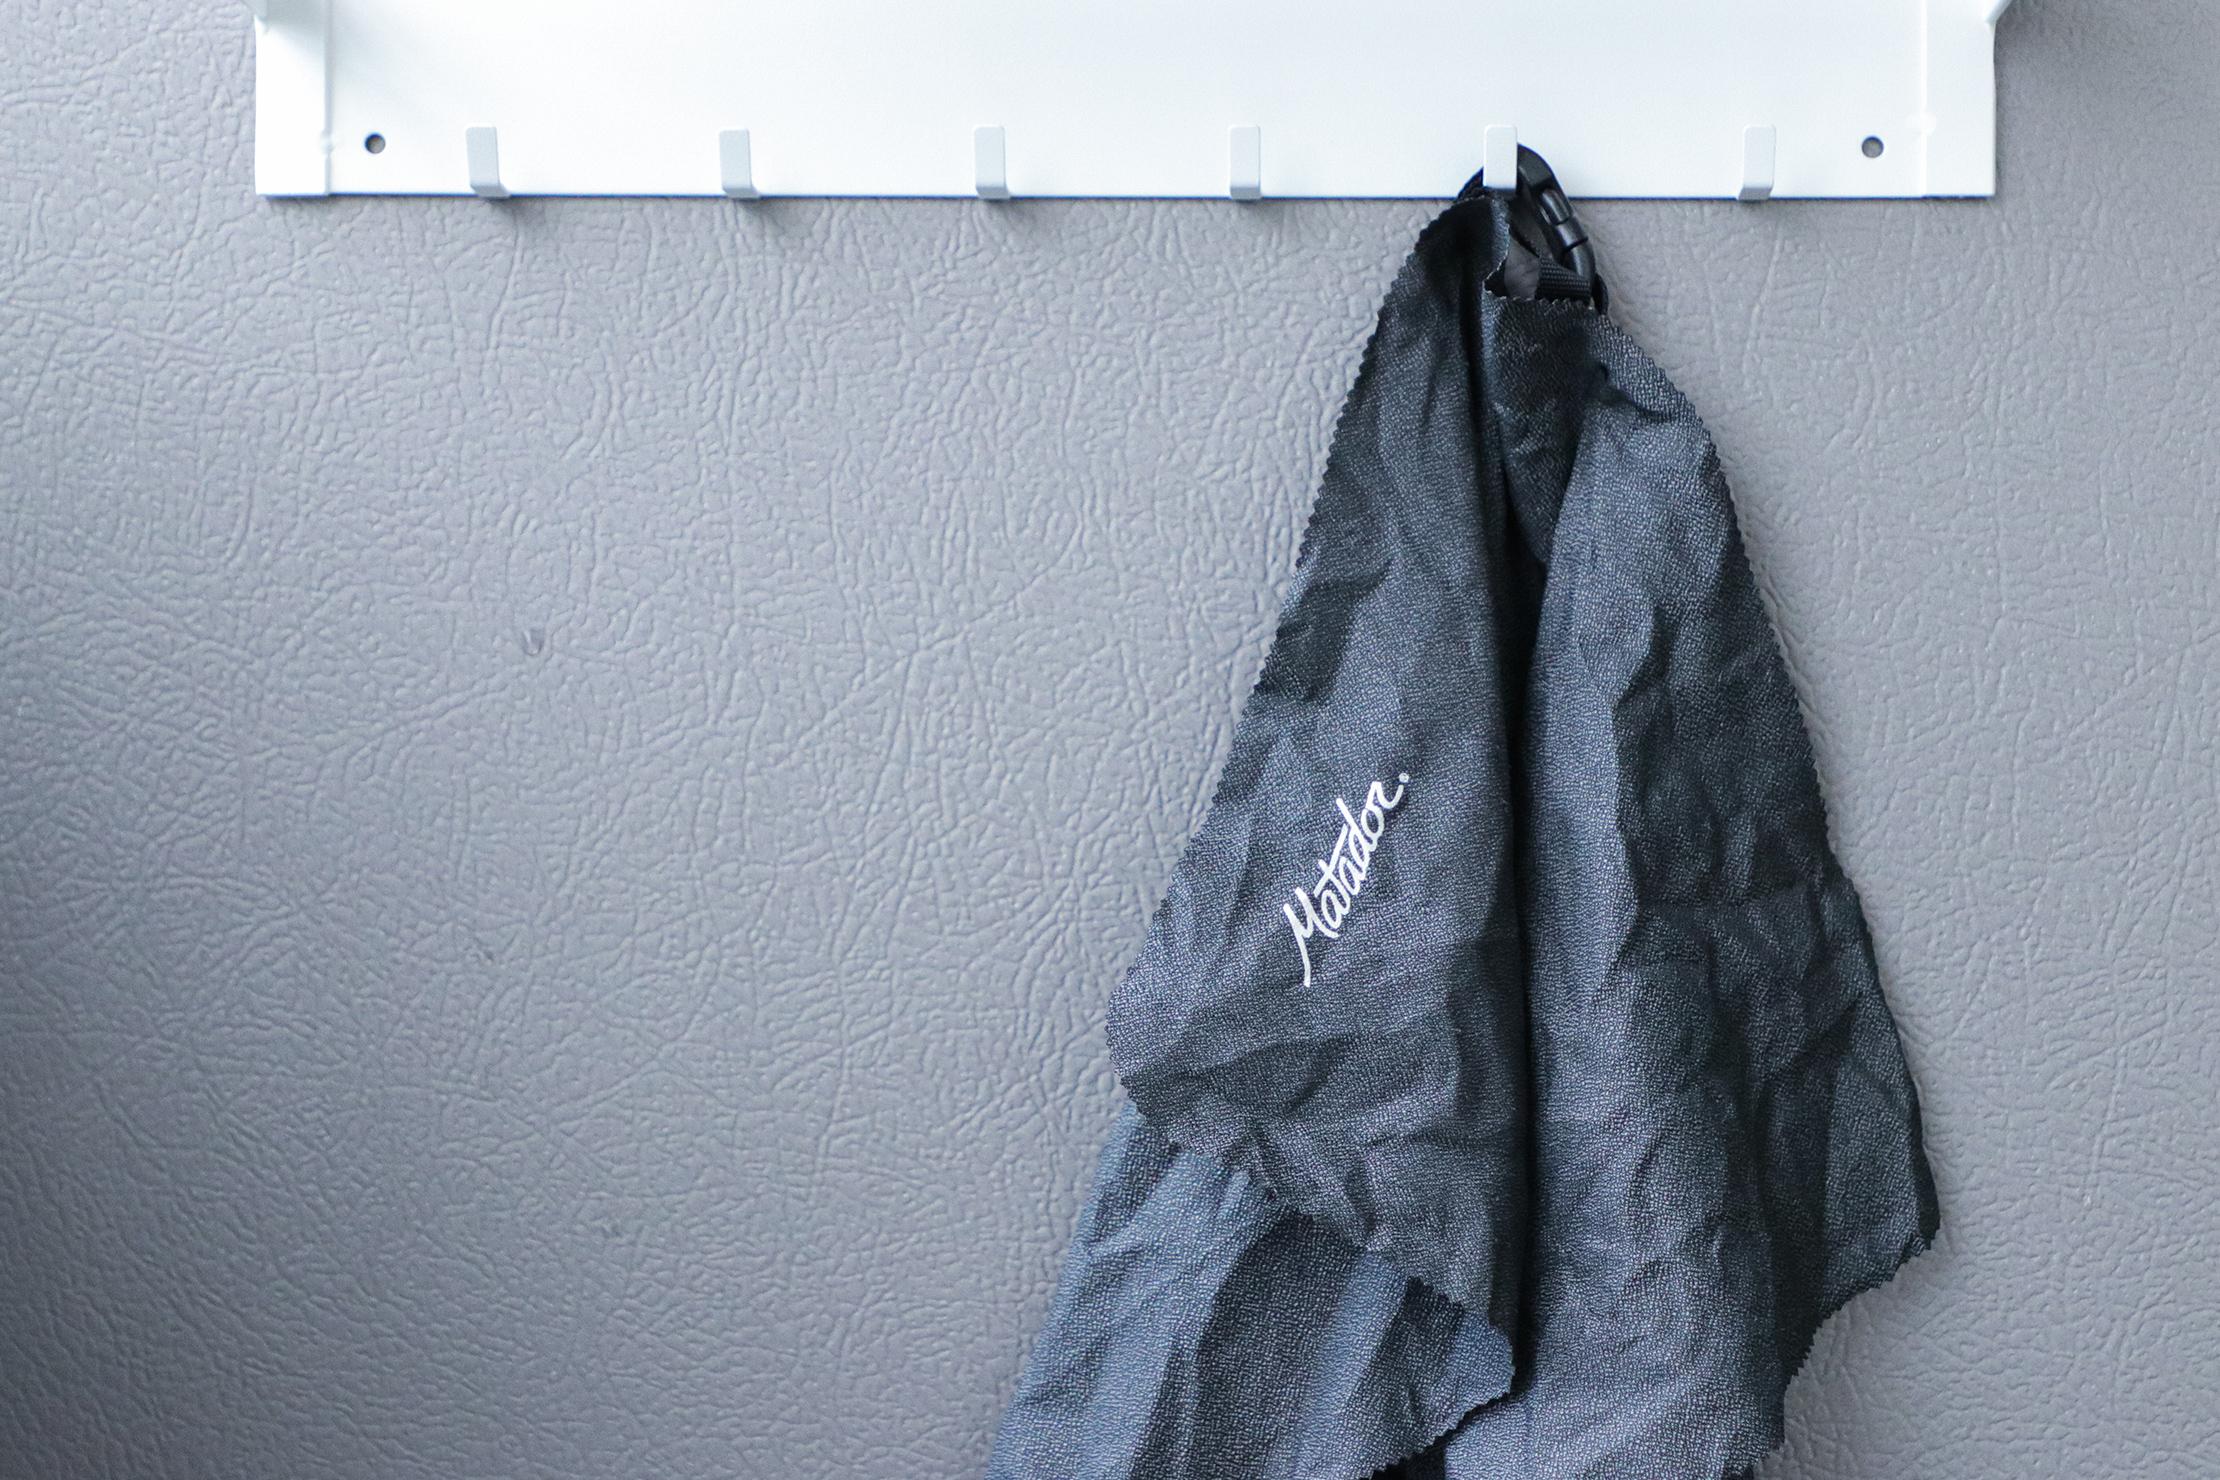 Matador Ultralight Travel Towel hanging up